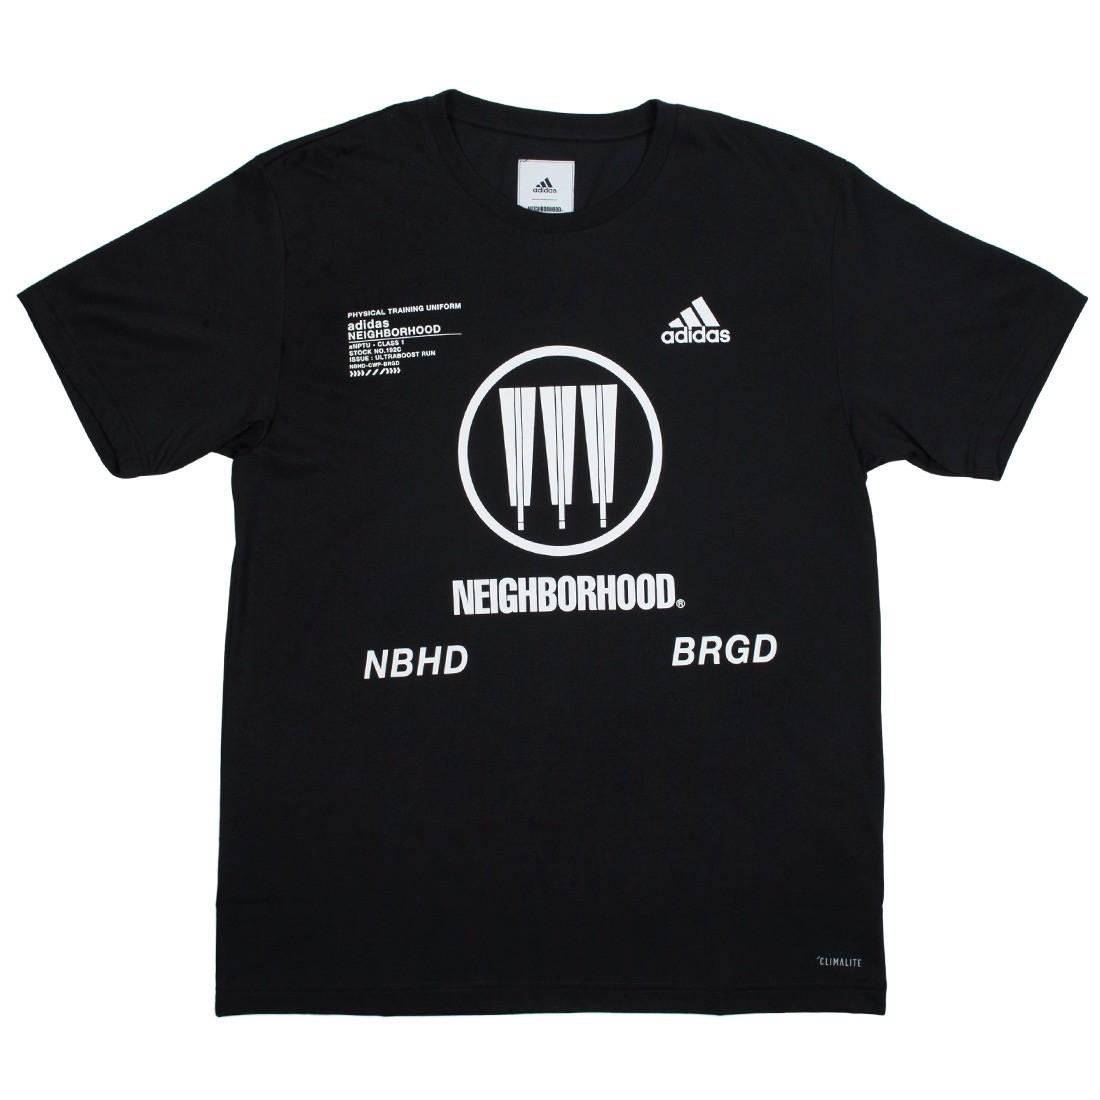 Adidas x Neighborhood Men SSL NBHD Tee (black)